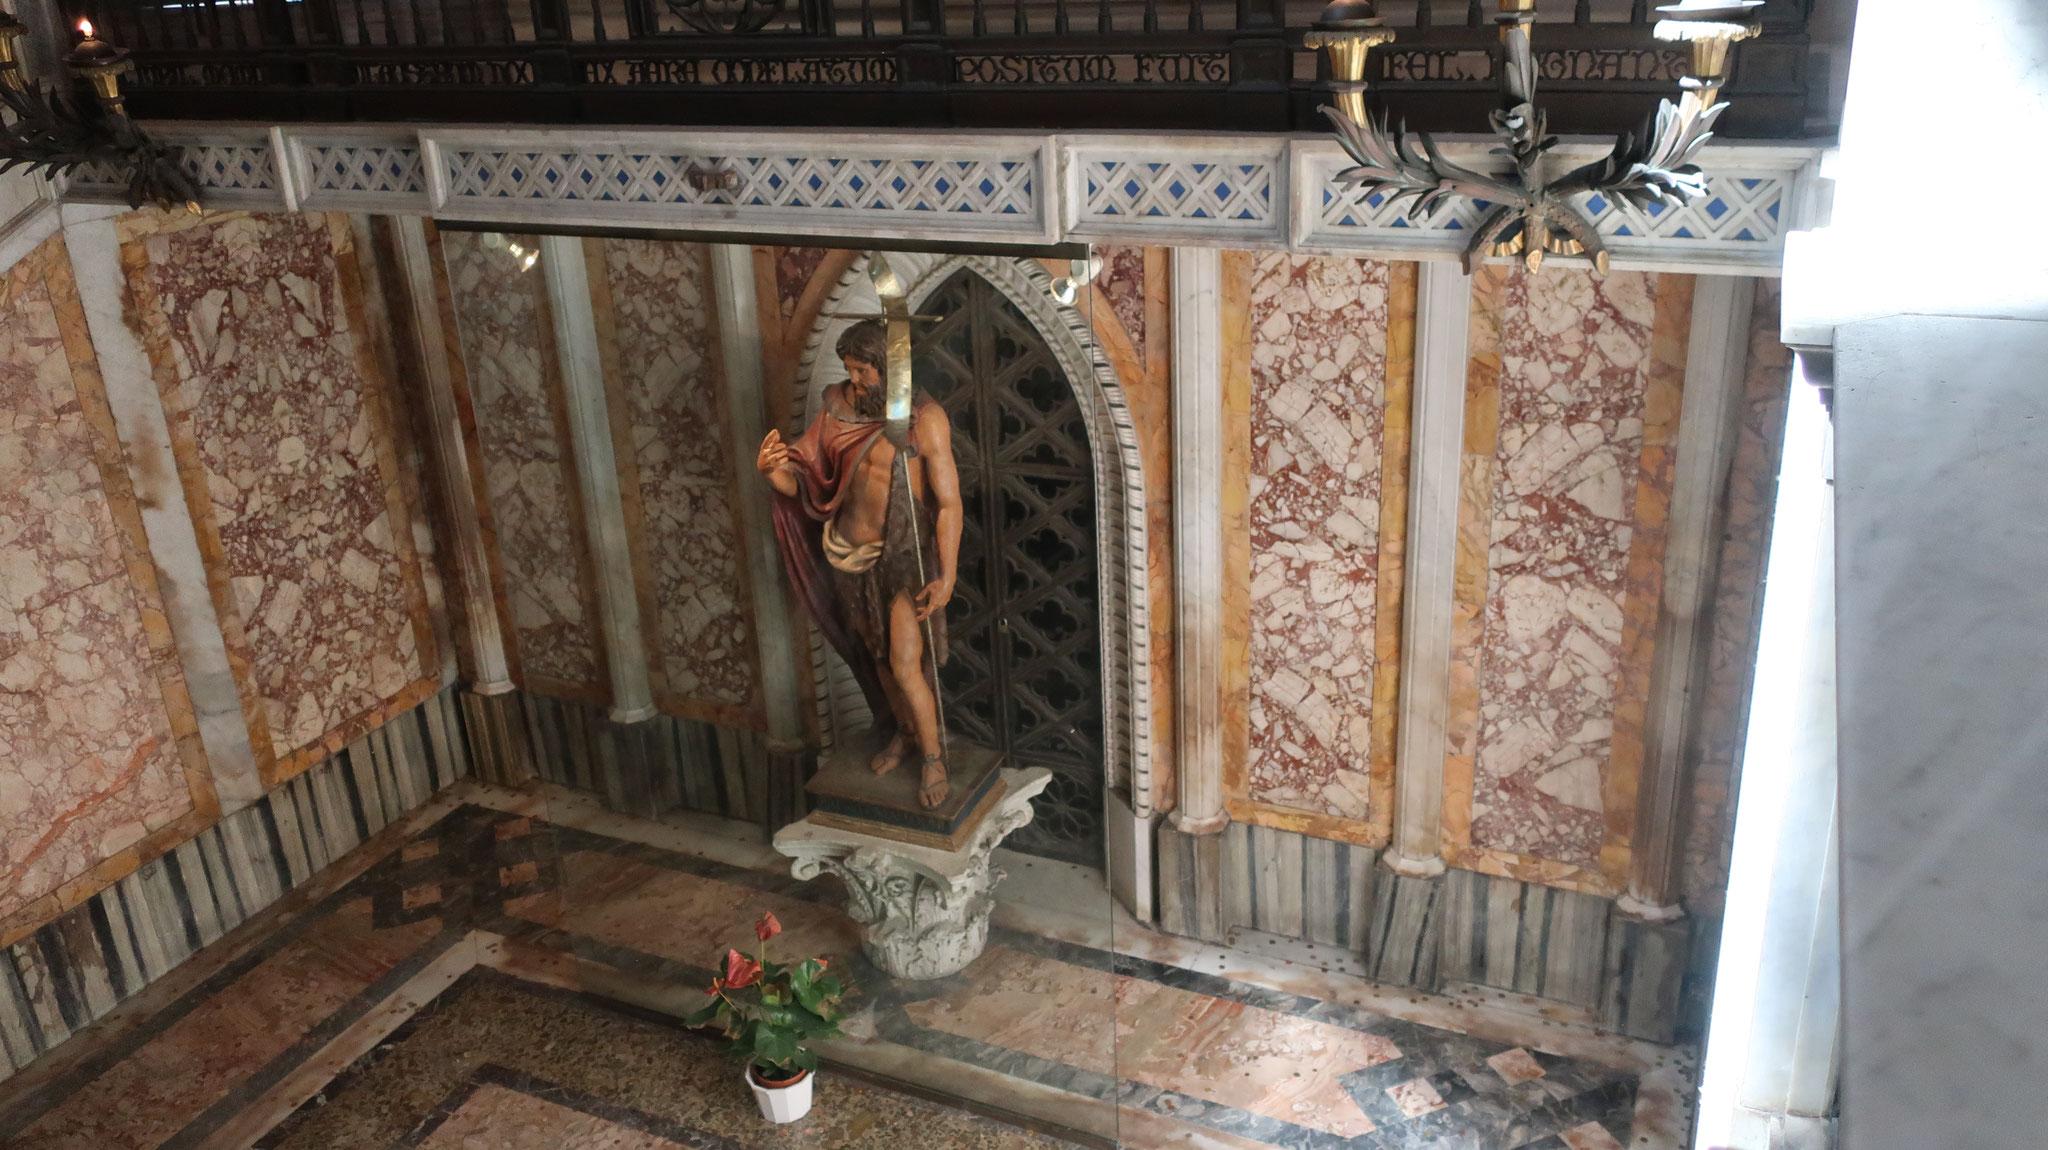 洗礼者ヨハネ 。イエス・キリストにヨルダン川で洗礼を授けました。後に、ヘロデ王に殺されました。